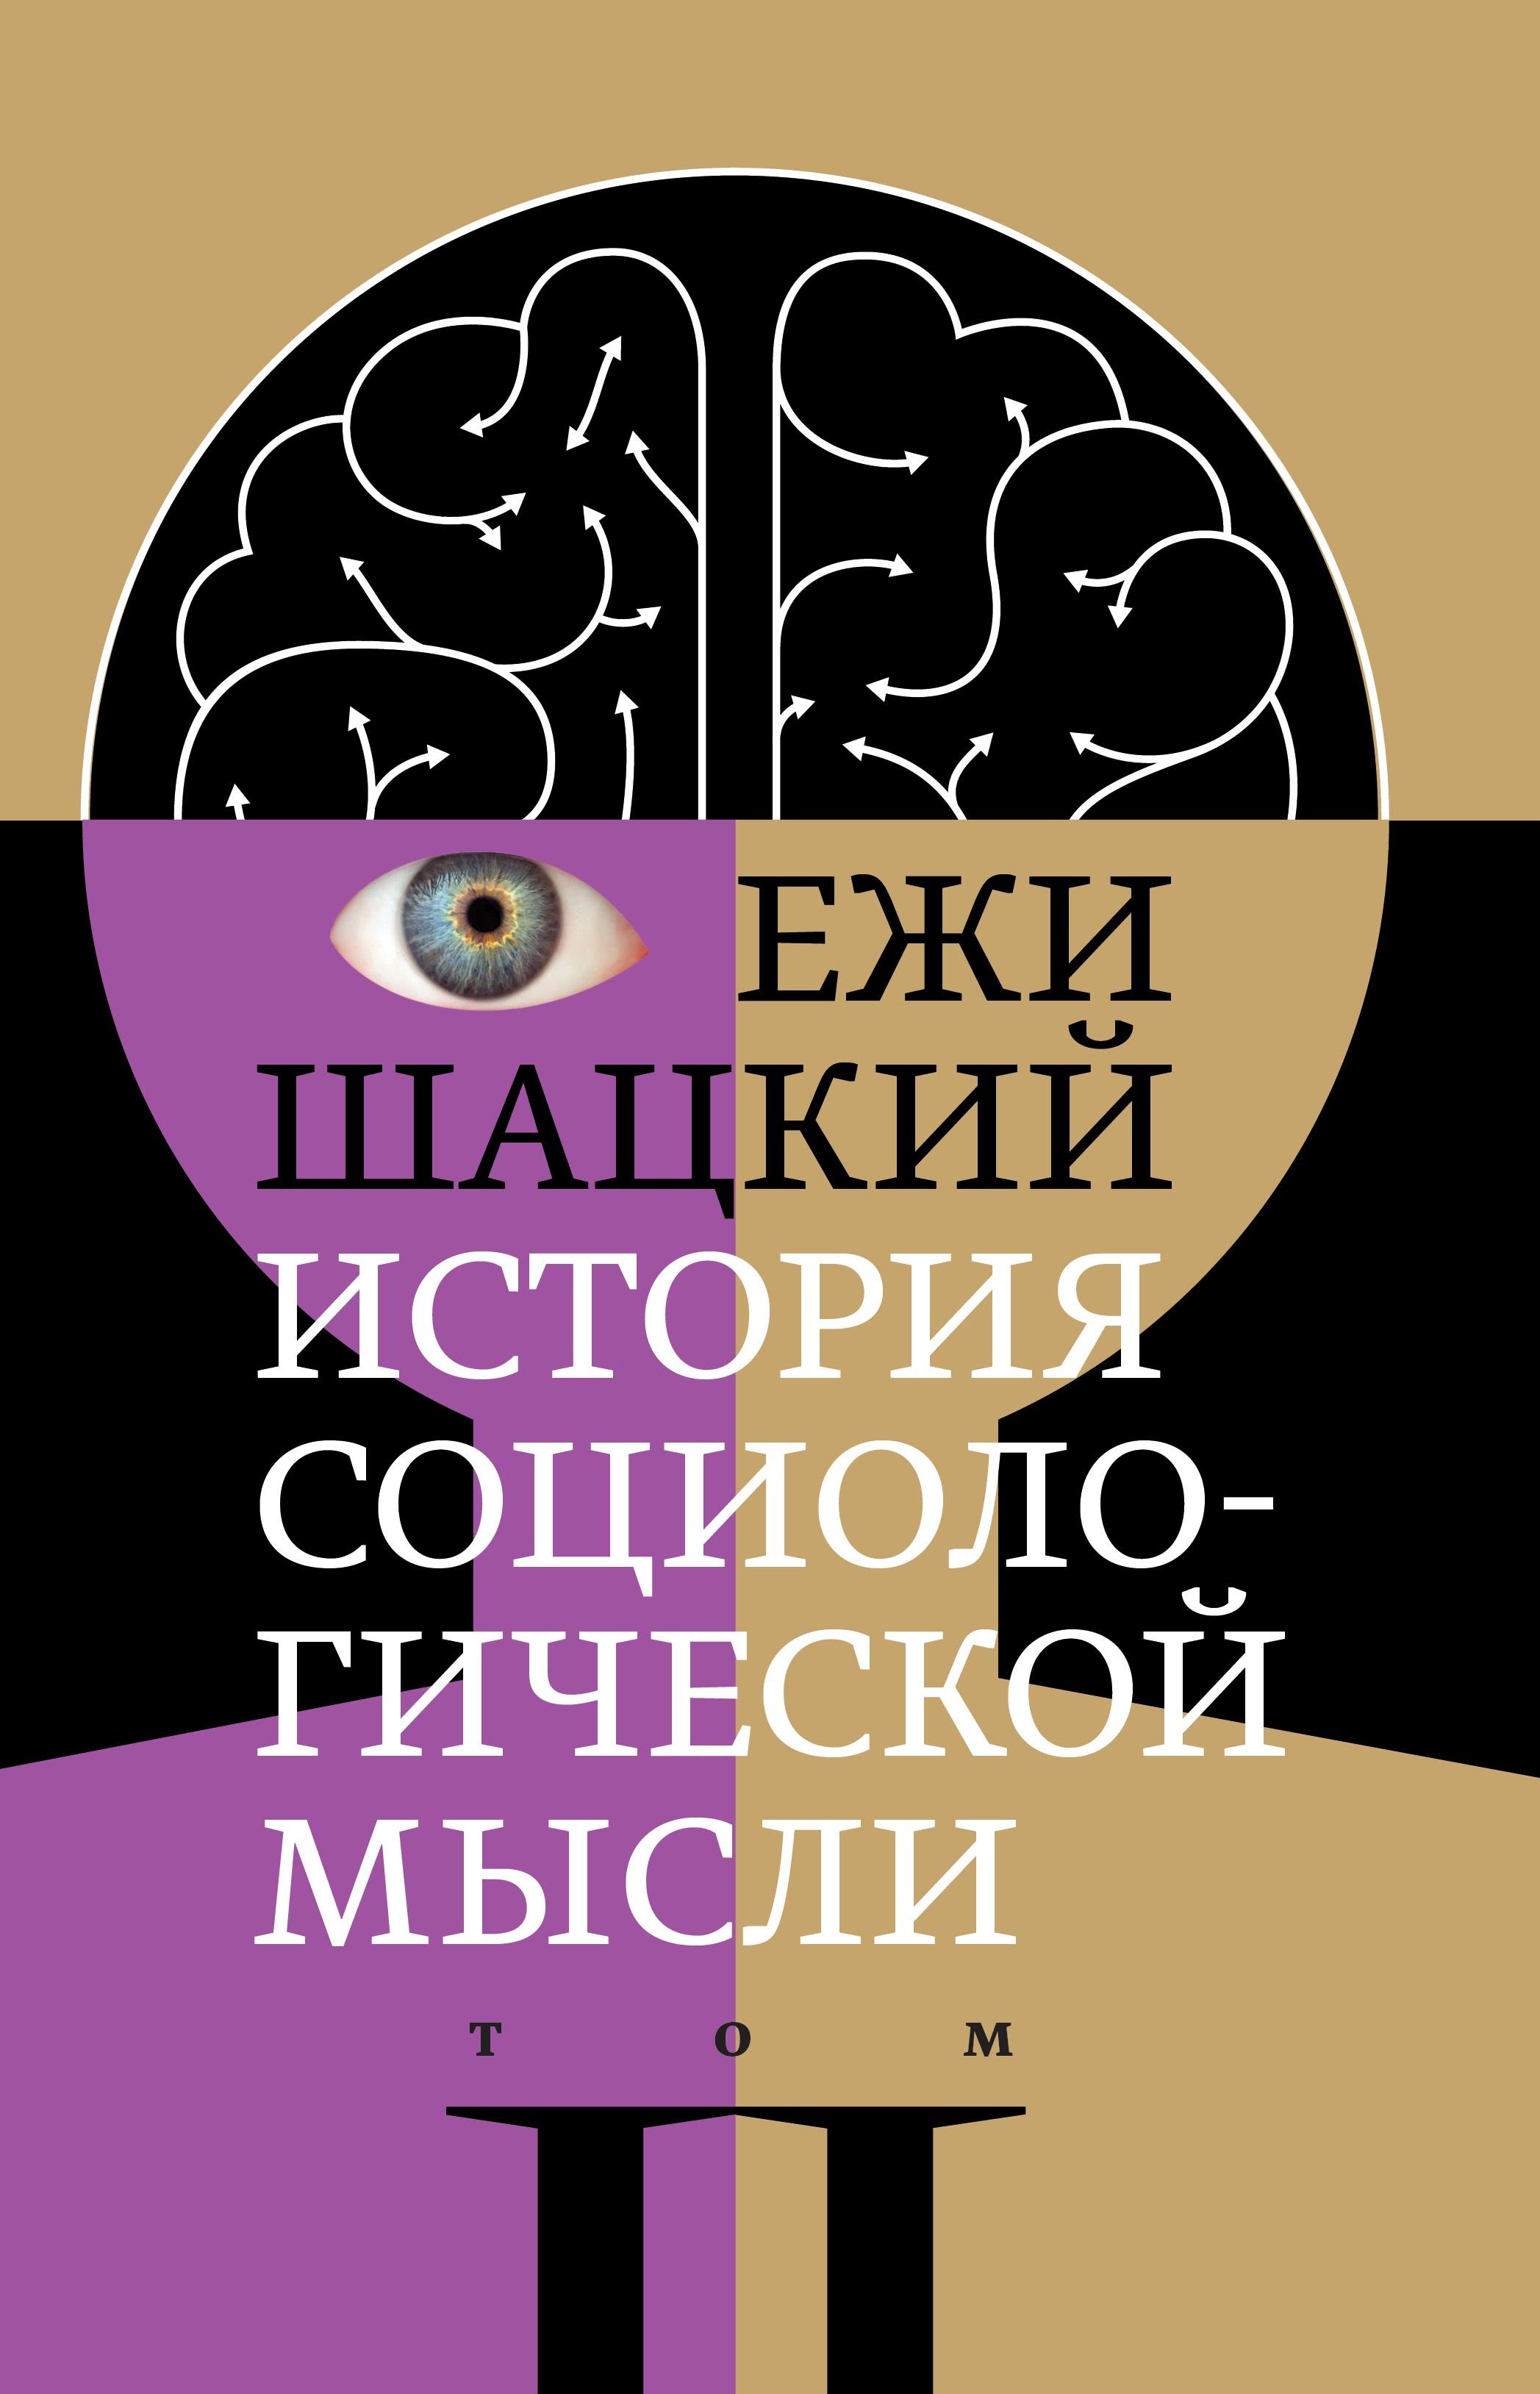 Ежи Шацкий История социологической мысли. Том 2 ежи шацкий история социологической мысли в 2 томах том 2